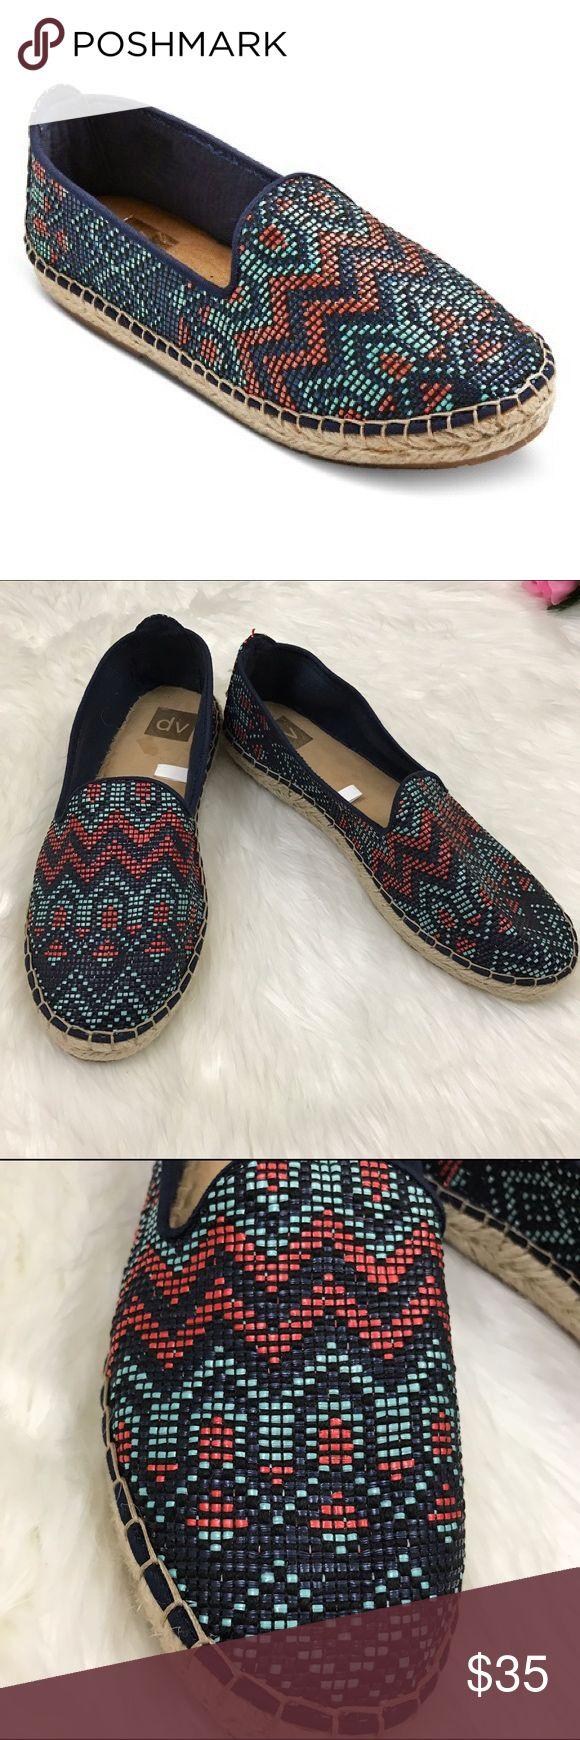 Dolce Vita Ottie Espadrilles shoes. Excellent condition, size 10. 💕 Dolce Vita Shoes Espadrilles